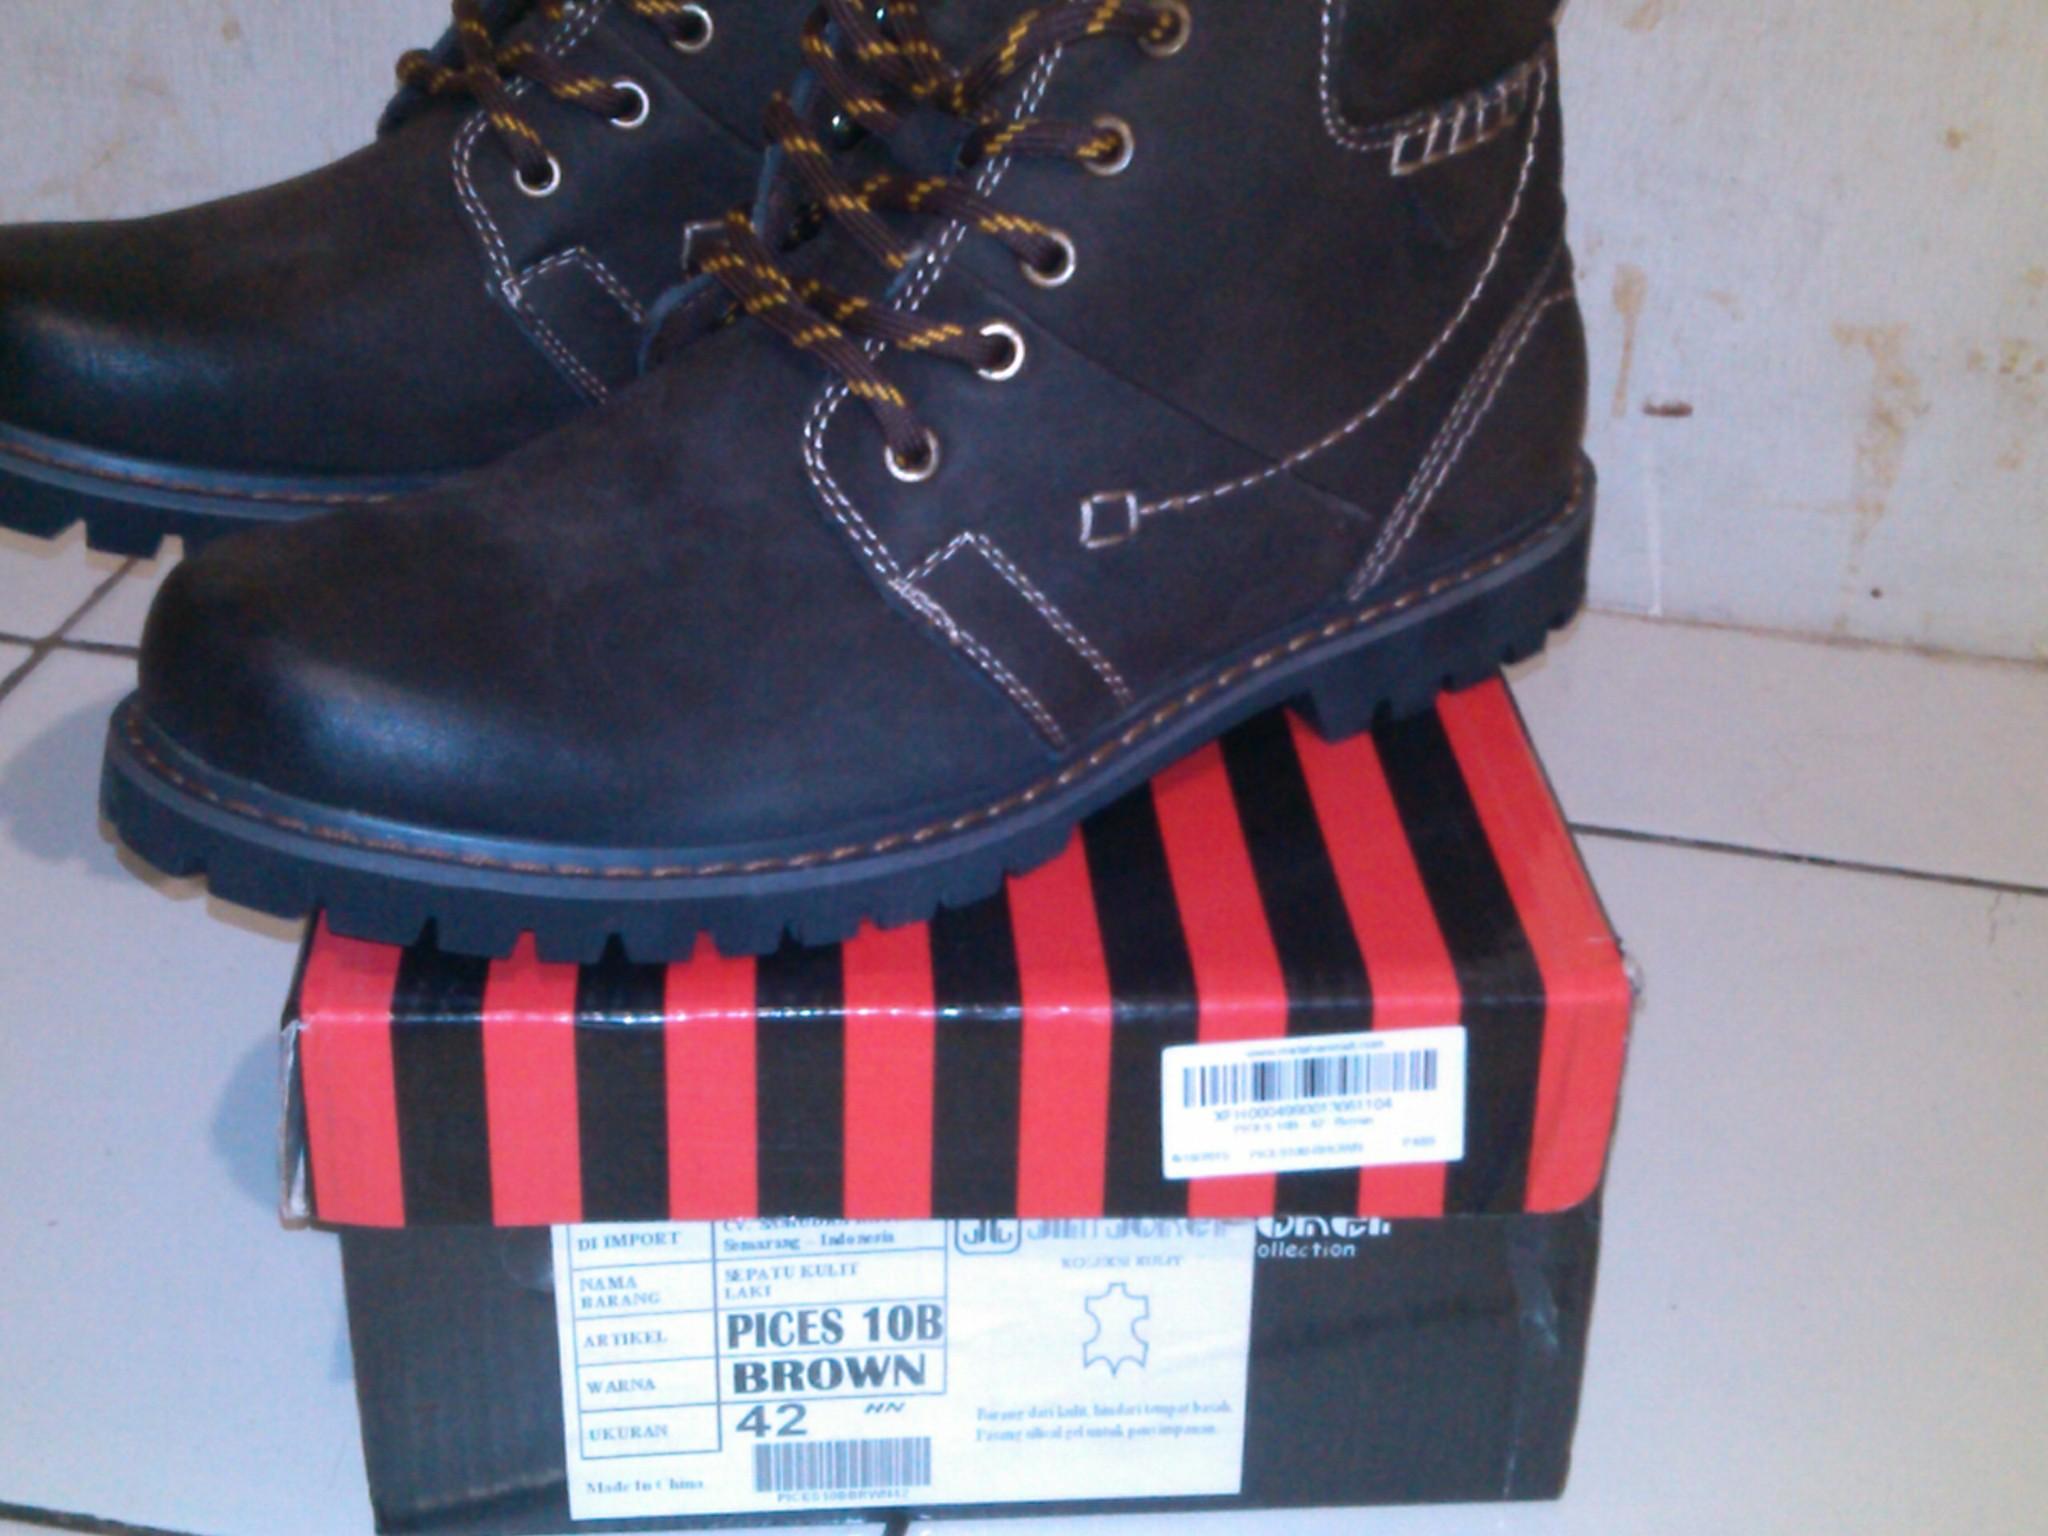 Harga Jual Sepatu Boot Jim Joker 2nd Boots Casual Haper 72 Coffee Original Shoes Pices 10b